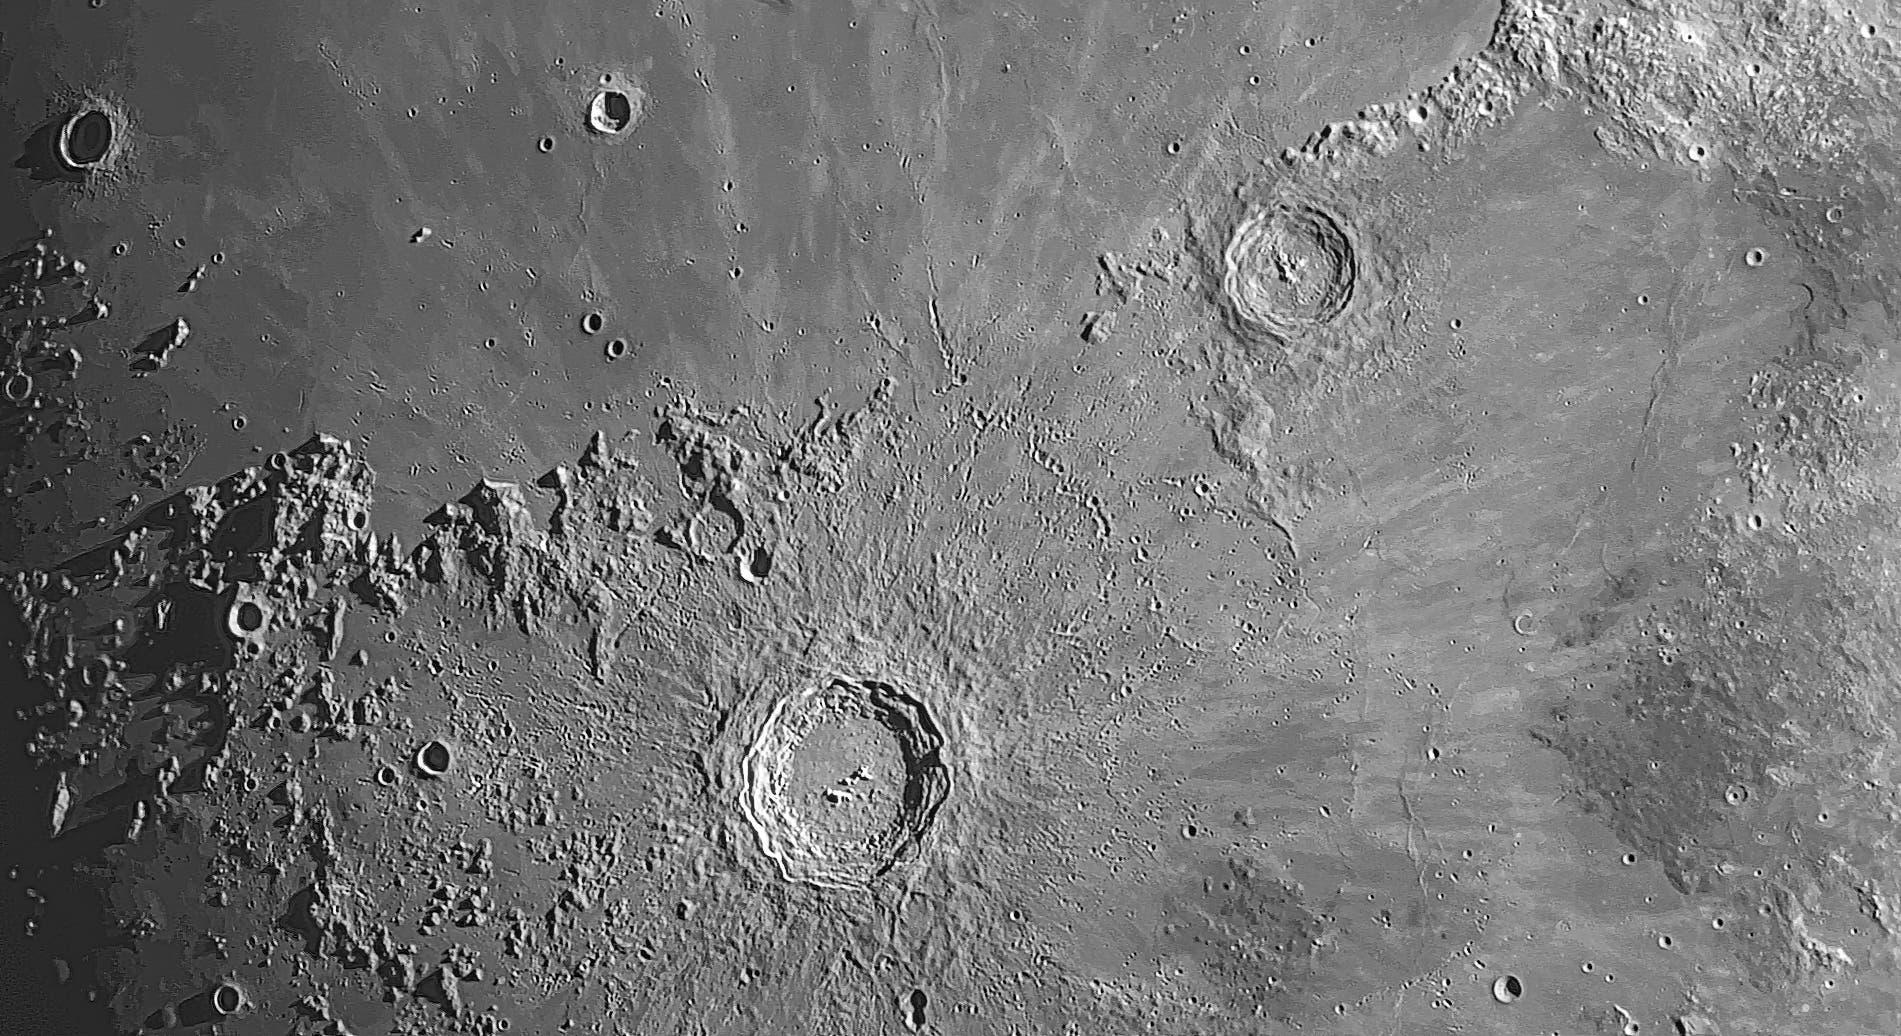 Der Mond am 23. März 2021 (1)